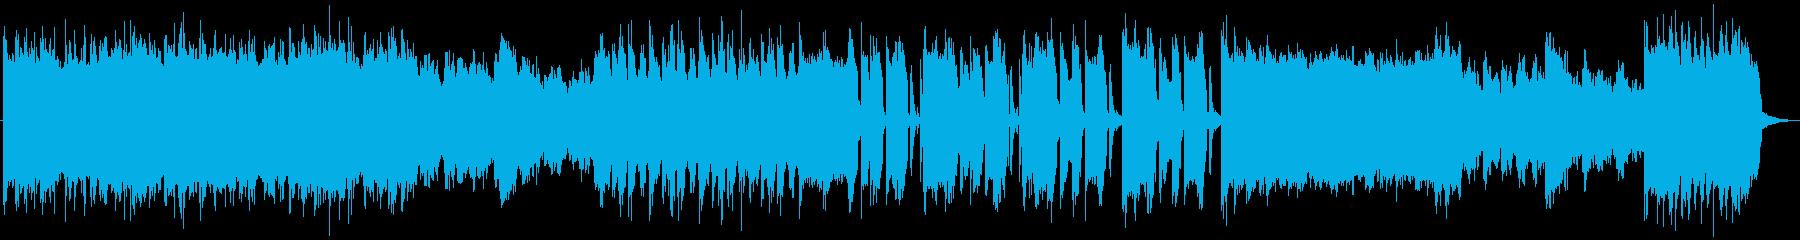 映像向けの重量感のあるヘヴィメタルの再生済みの波形